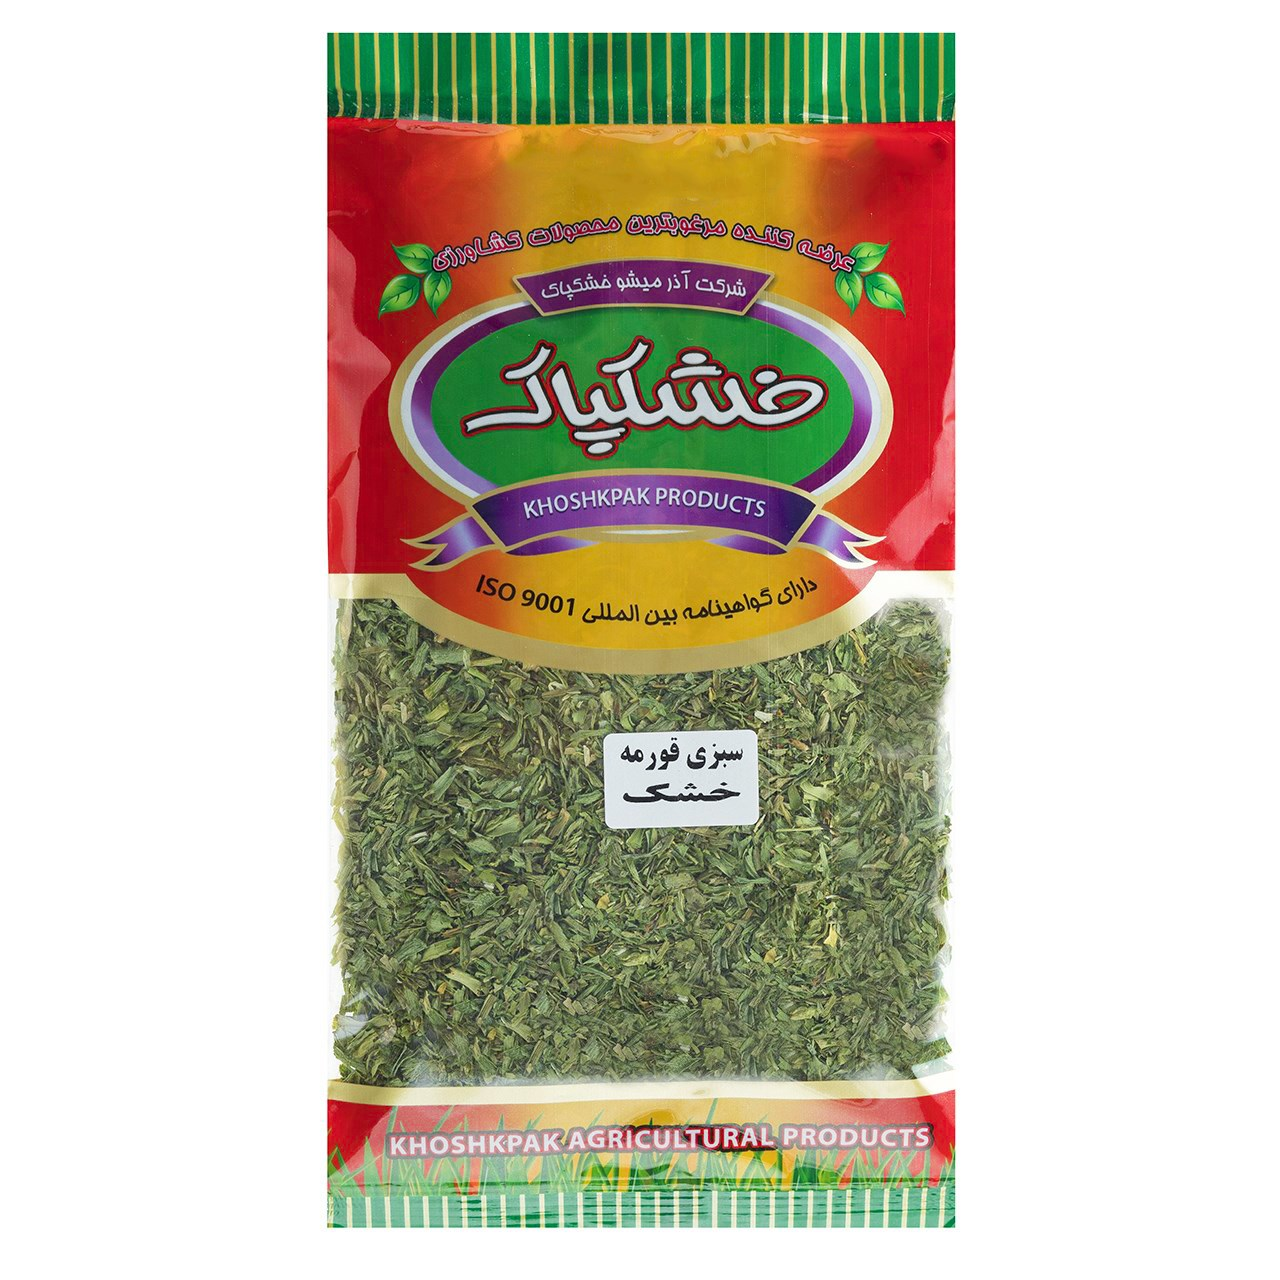 سبزی قورمه سبزی خشک خشکپاک مقدار 70 گرم